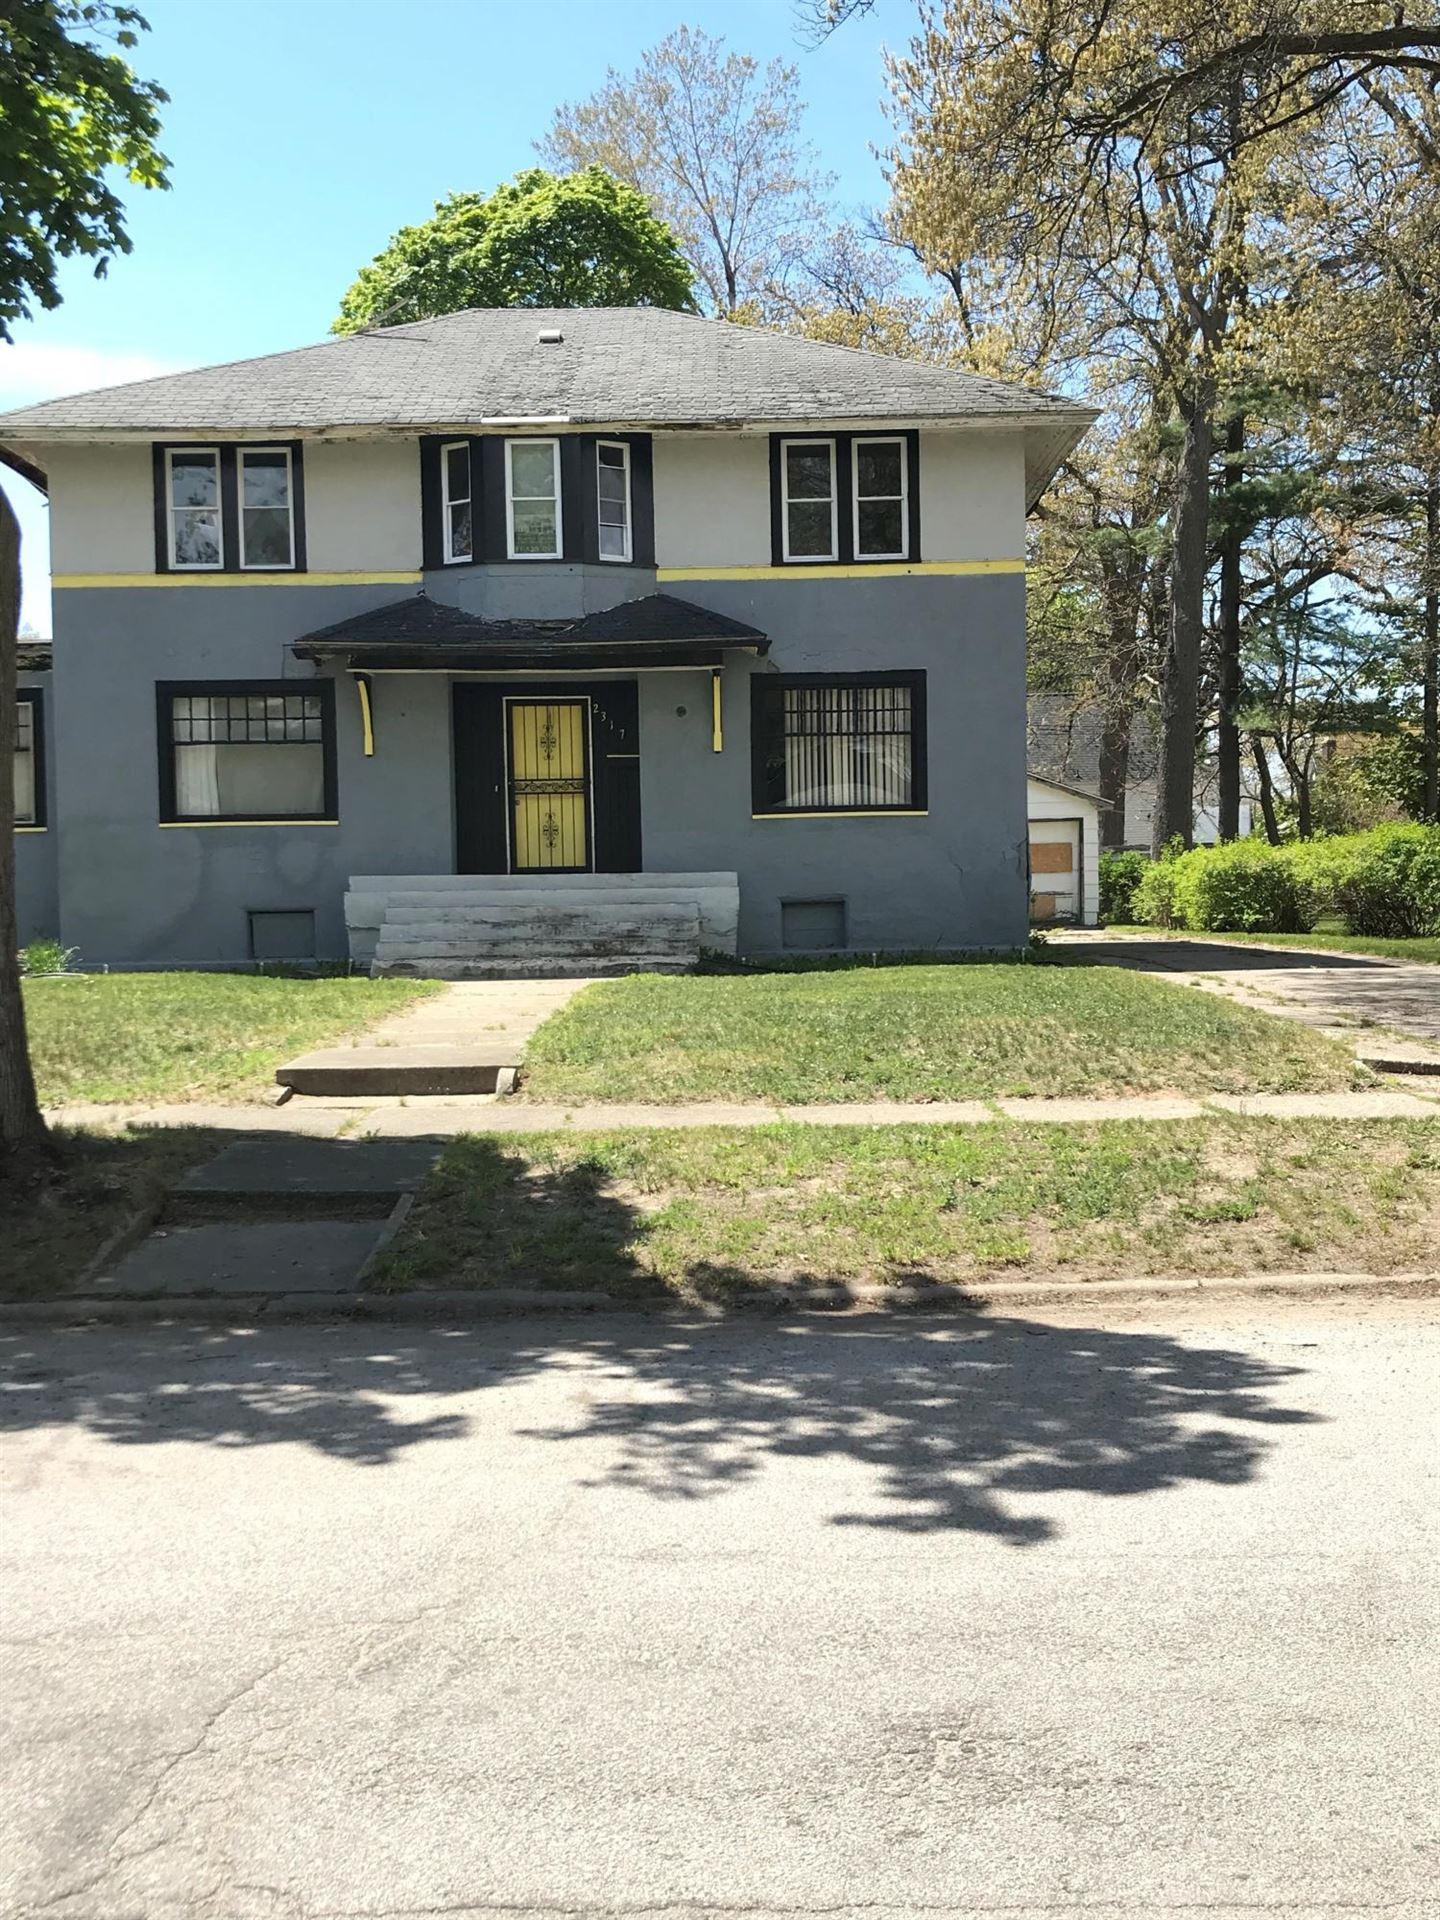 2317 Jefferson Street, Muskegon Heights, MI 49444 - MLS#: 21018868